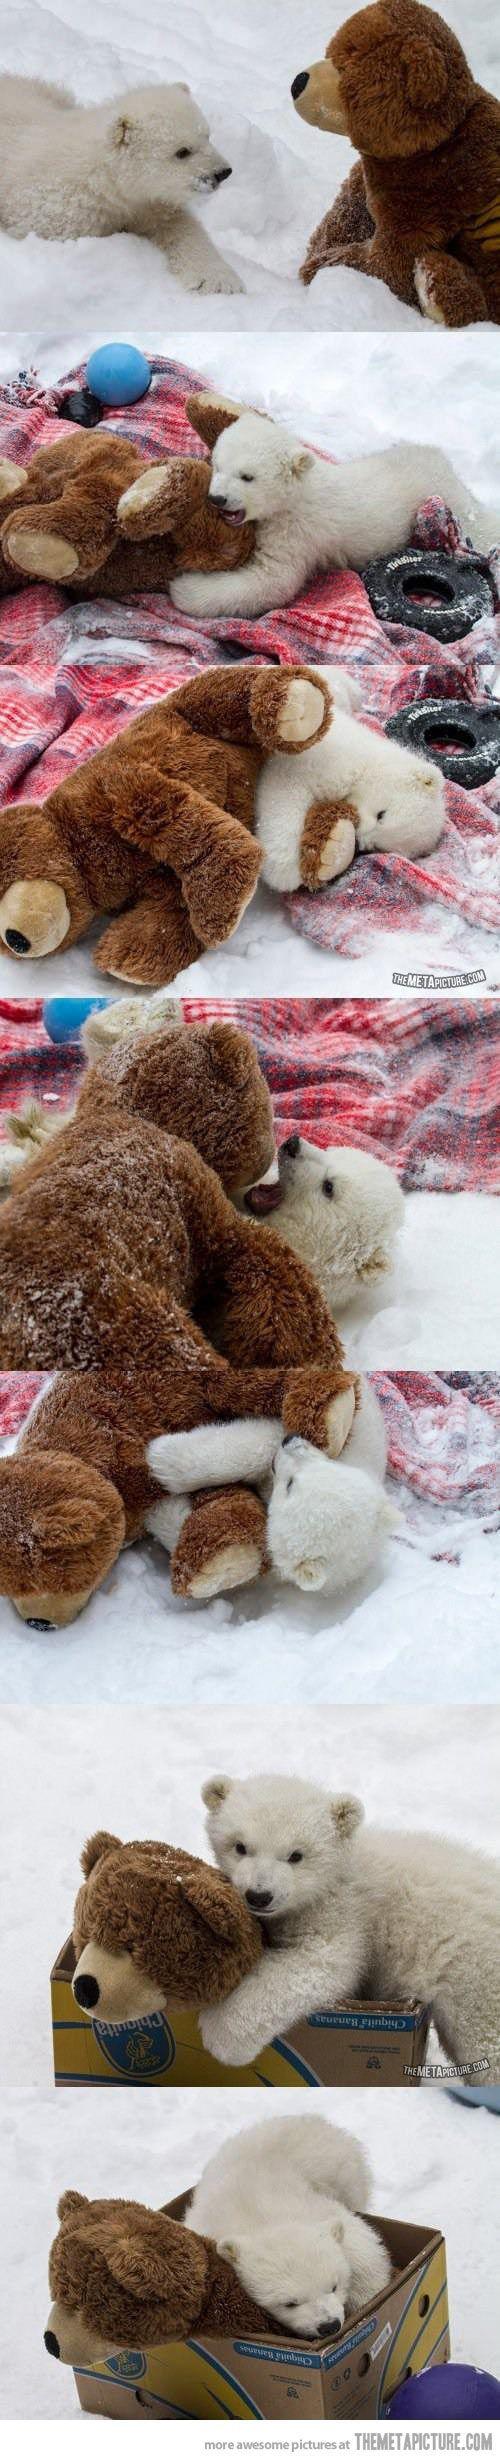 Baby polar bear vs. teddy bear…